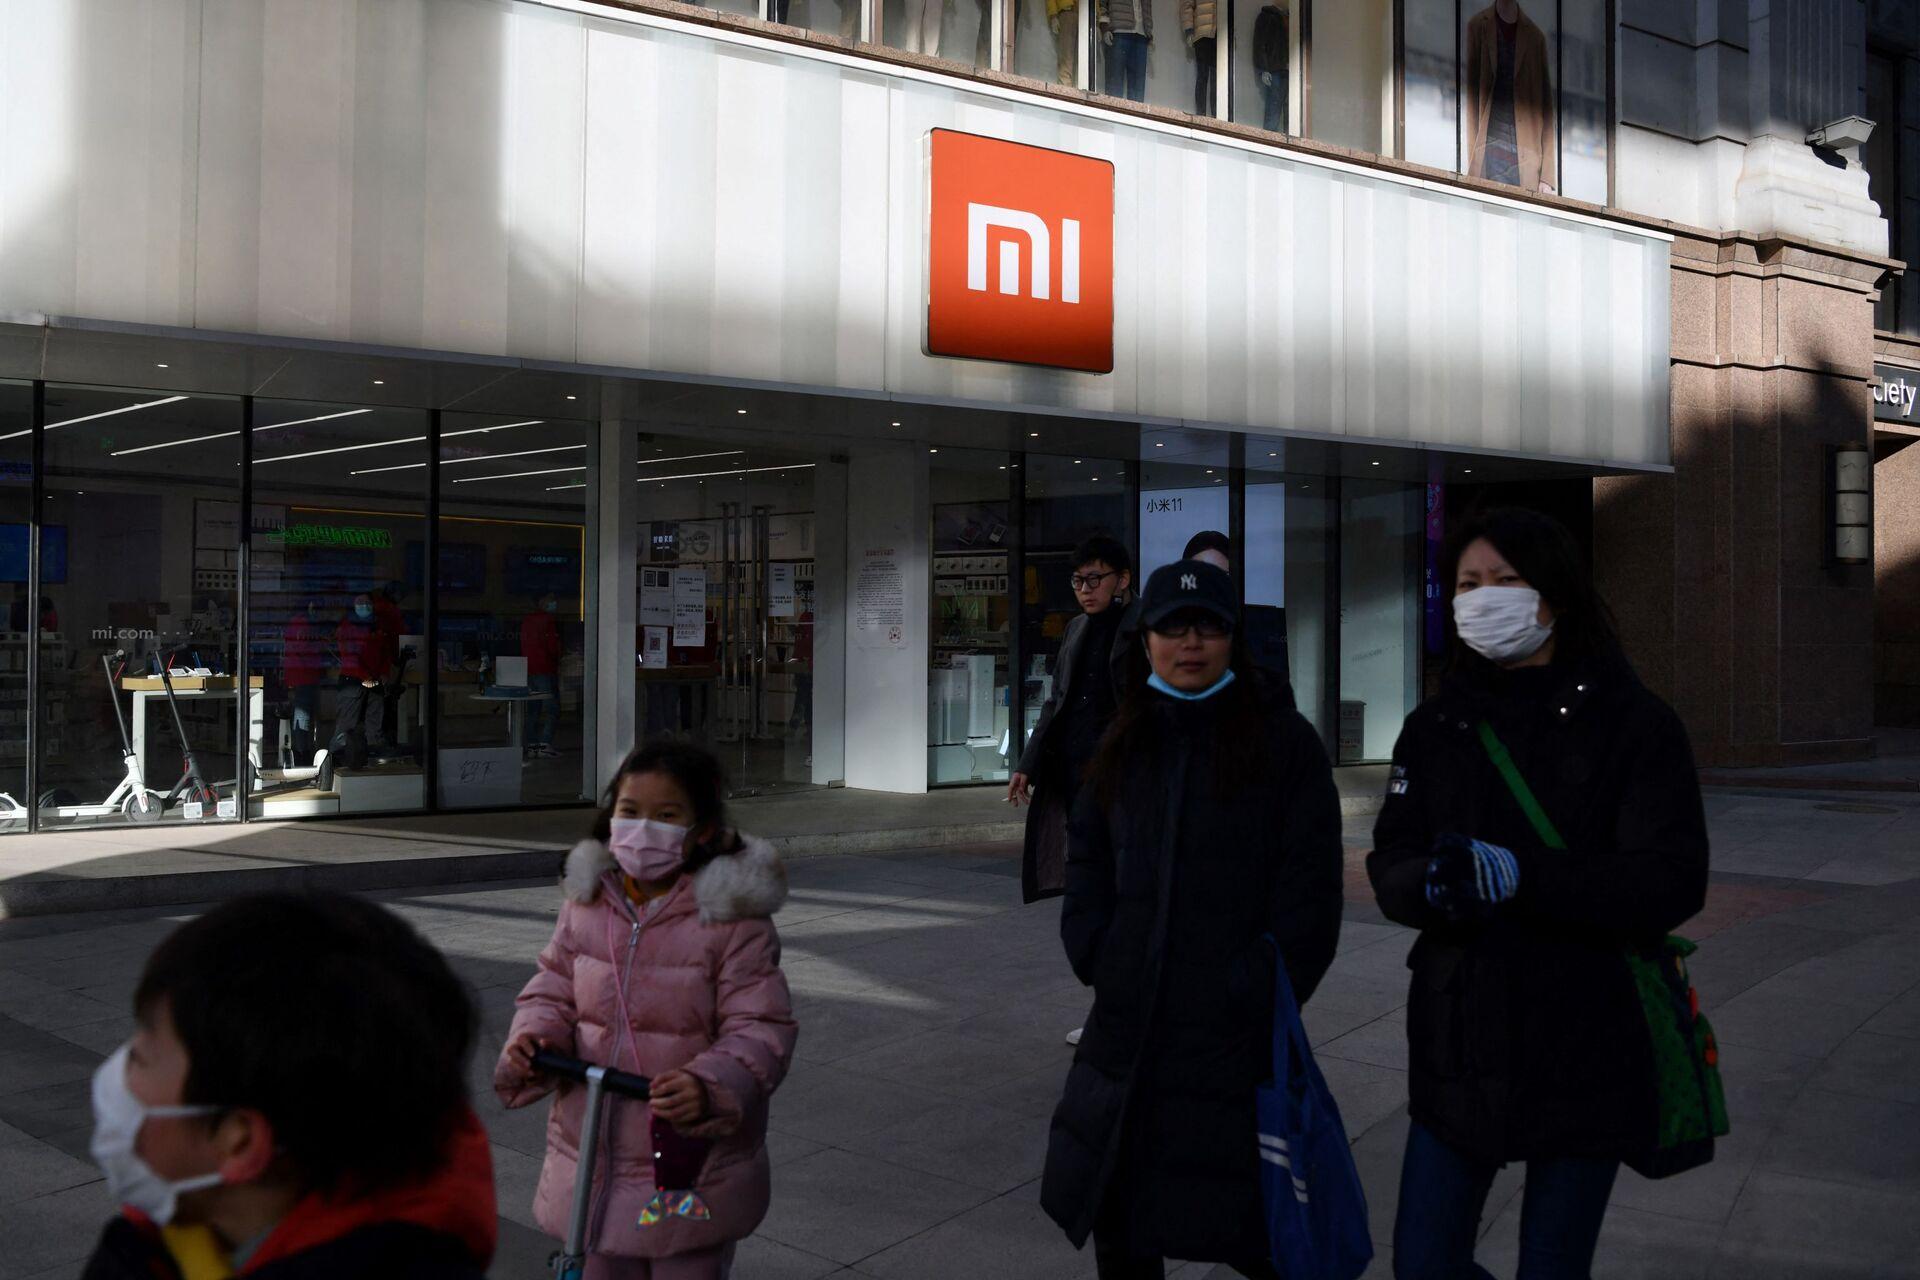 Mọi người đi dạo qua cửa hàng Xiaomi ở Bắc Kinh - Sputnik Việt Nam, 1920, 05.10.2021